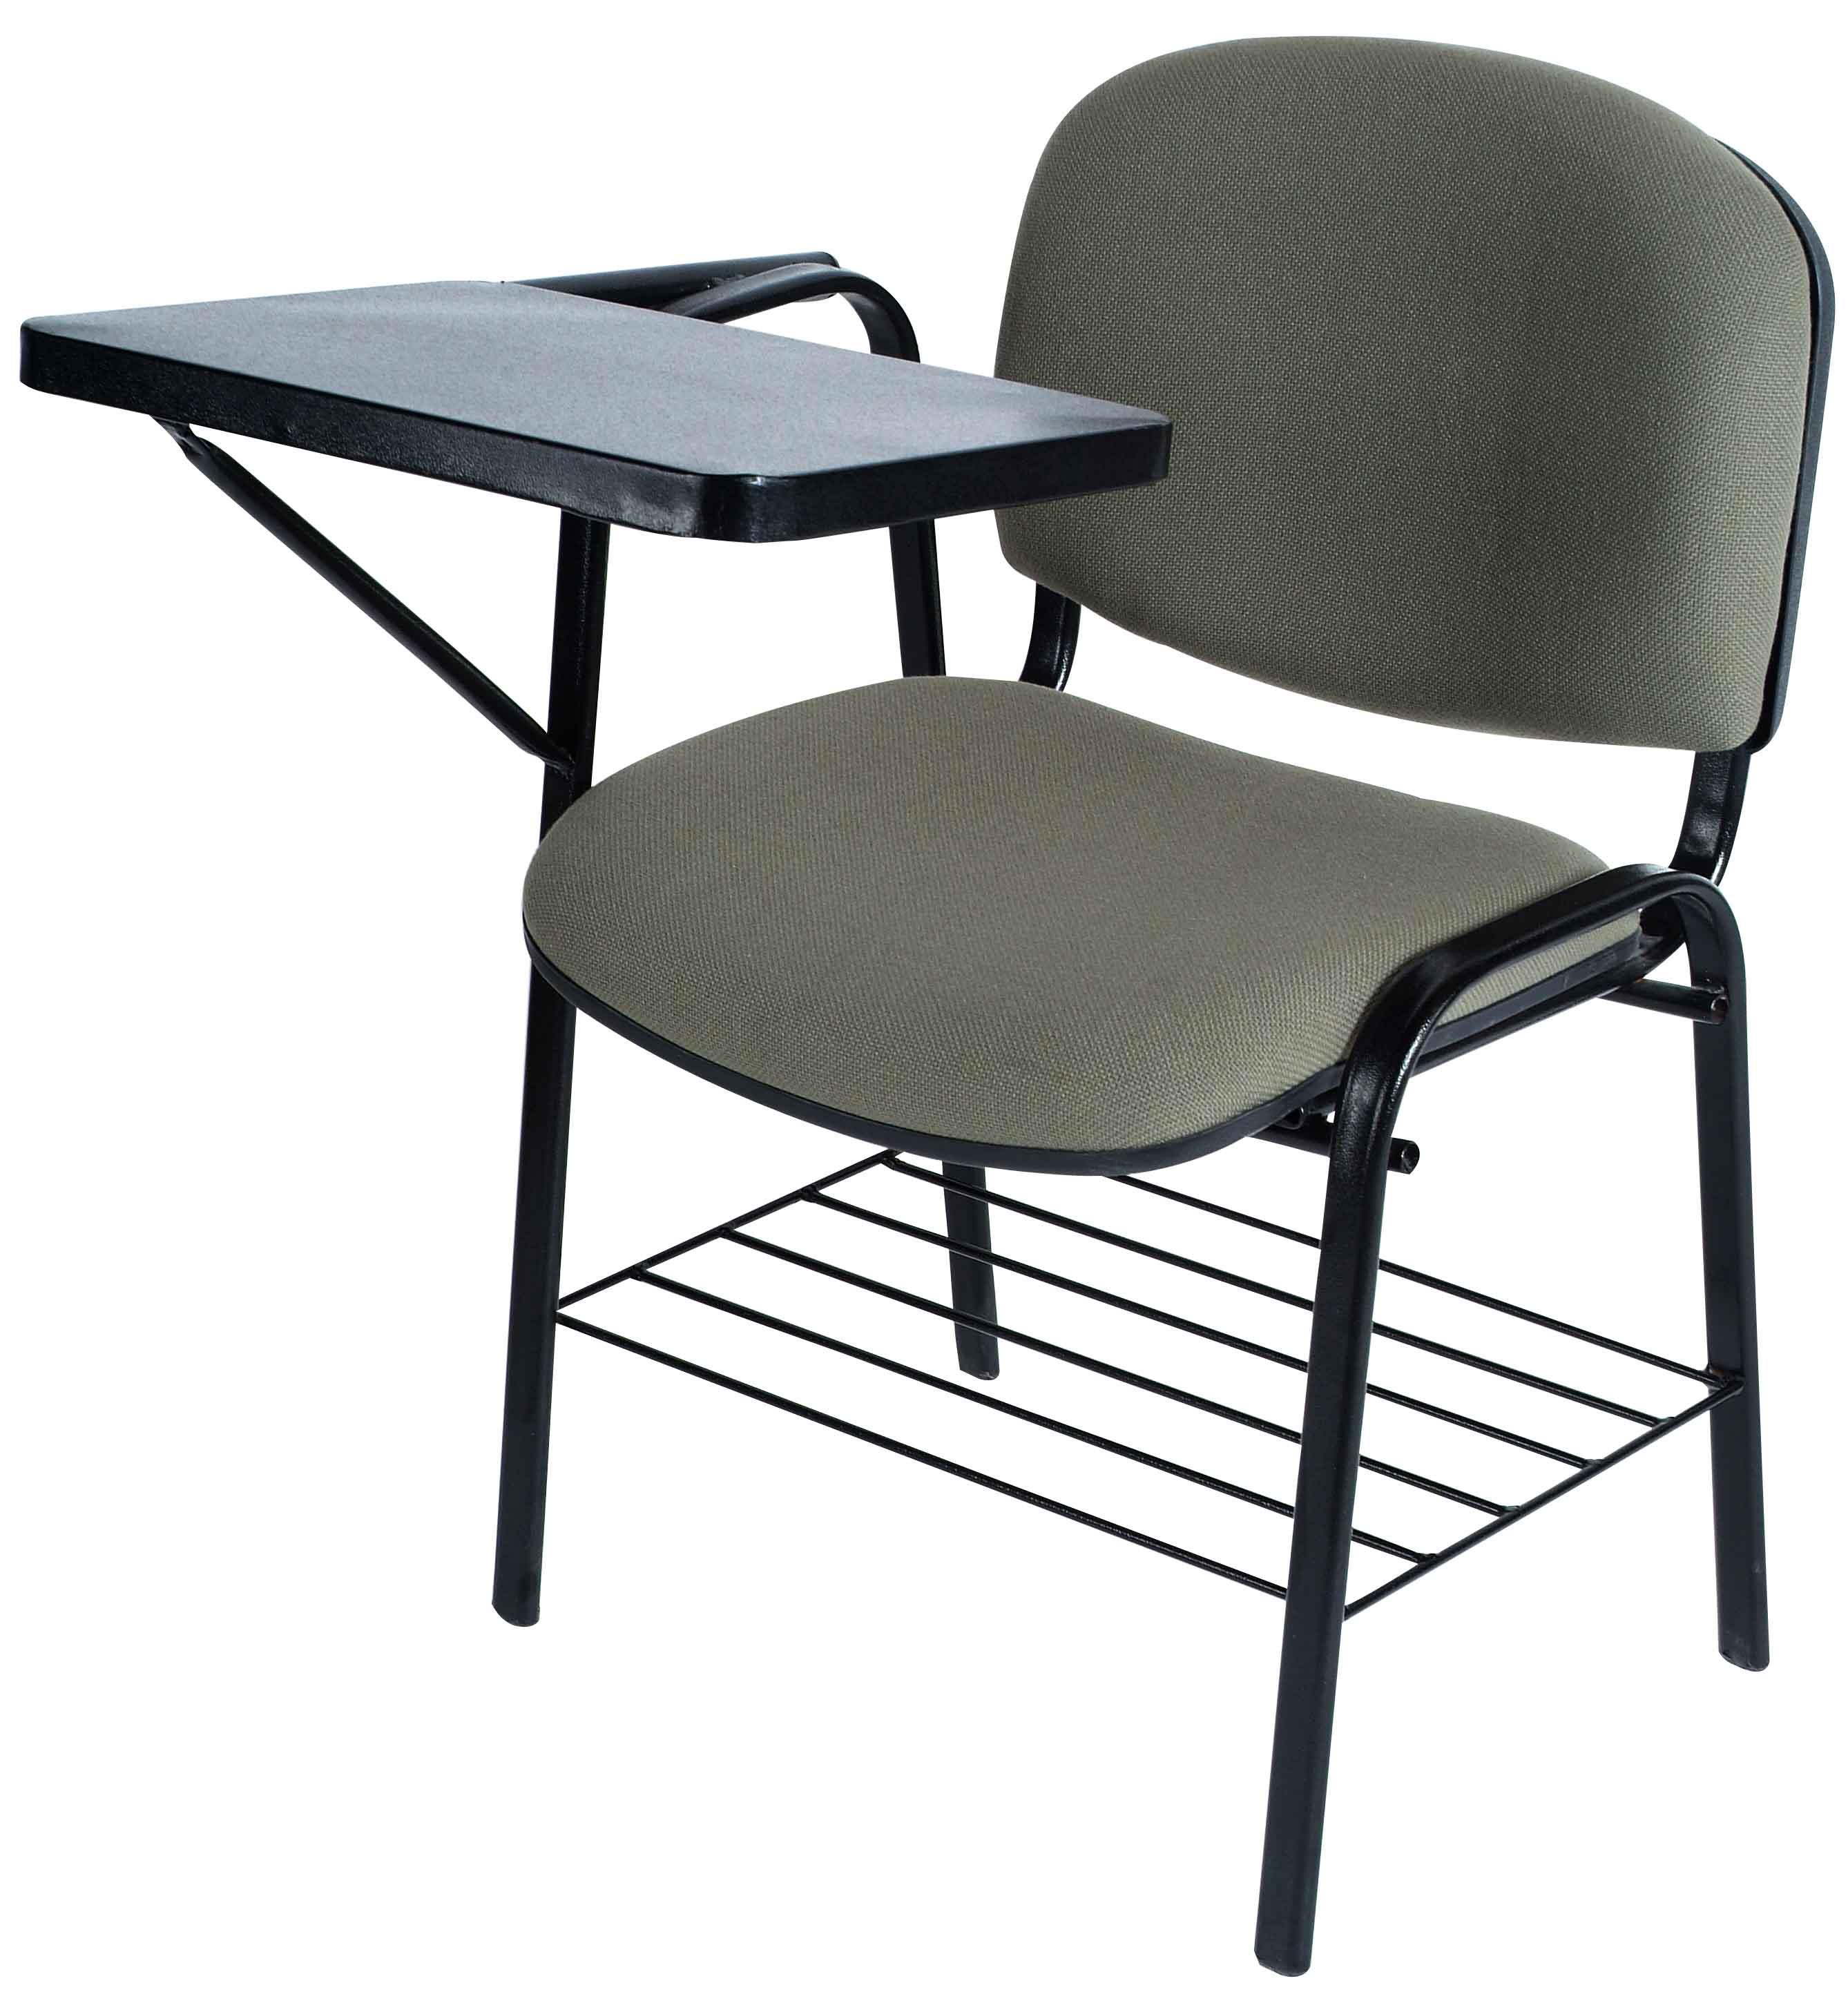 Sillas Escolares Y Secretariales Muebles Prestige # Muebles Pupitres Escolares